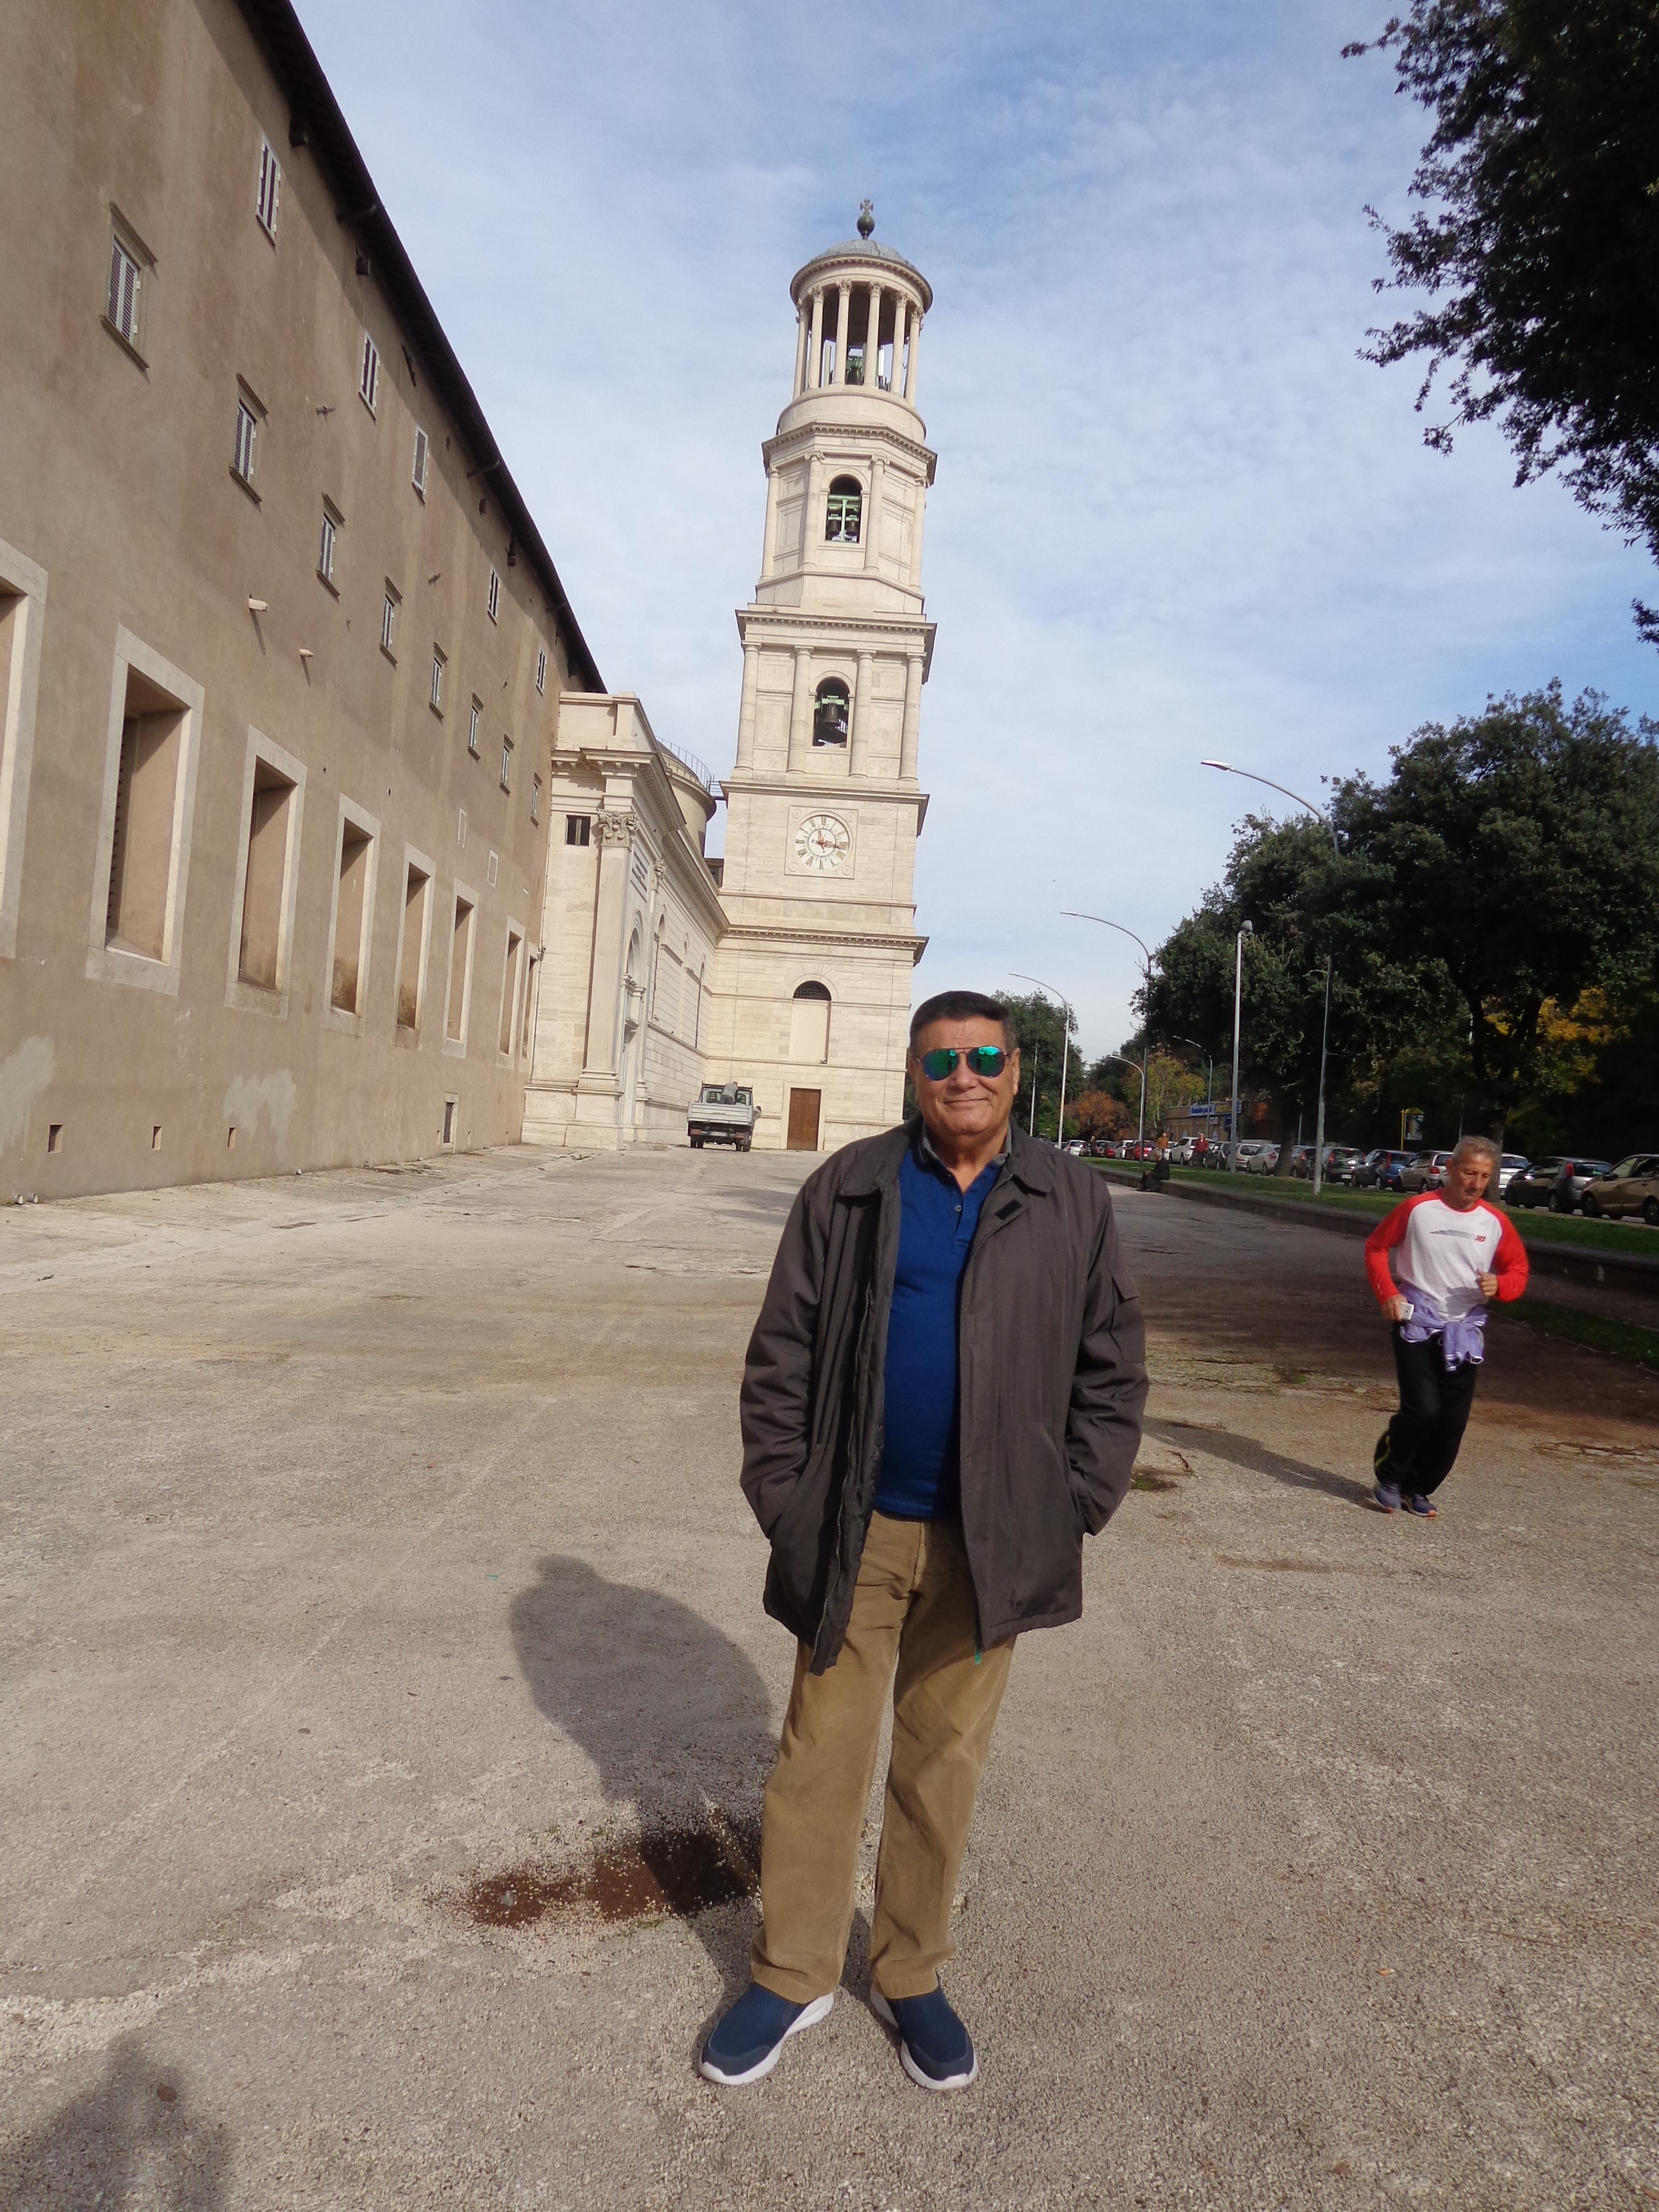 Parte lateral de la Basílica y Campanario